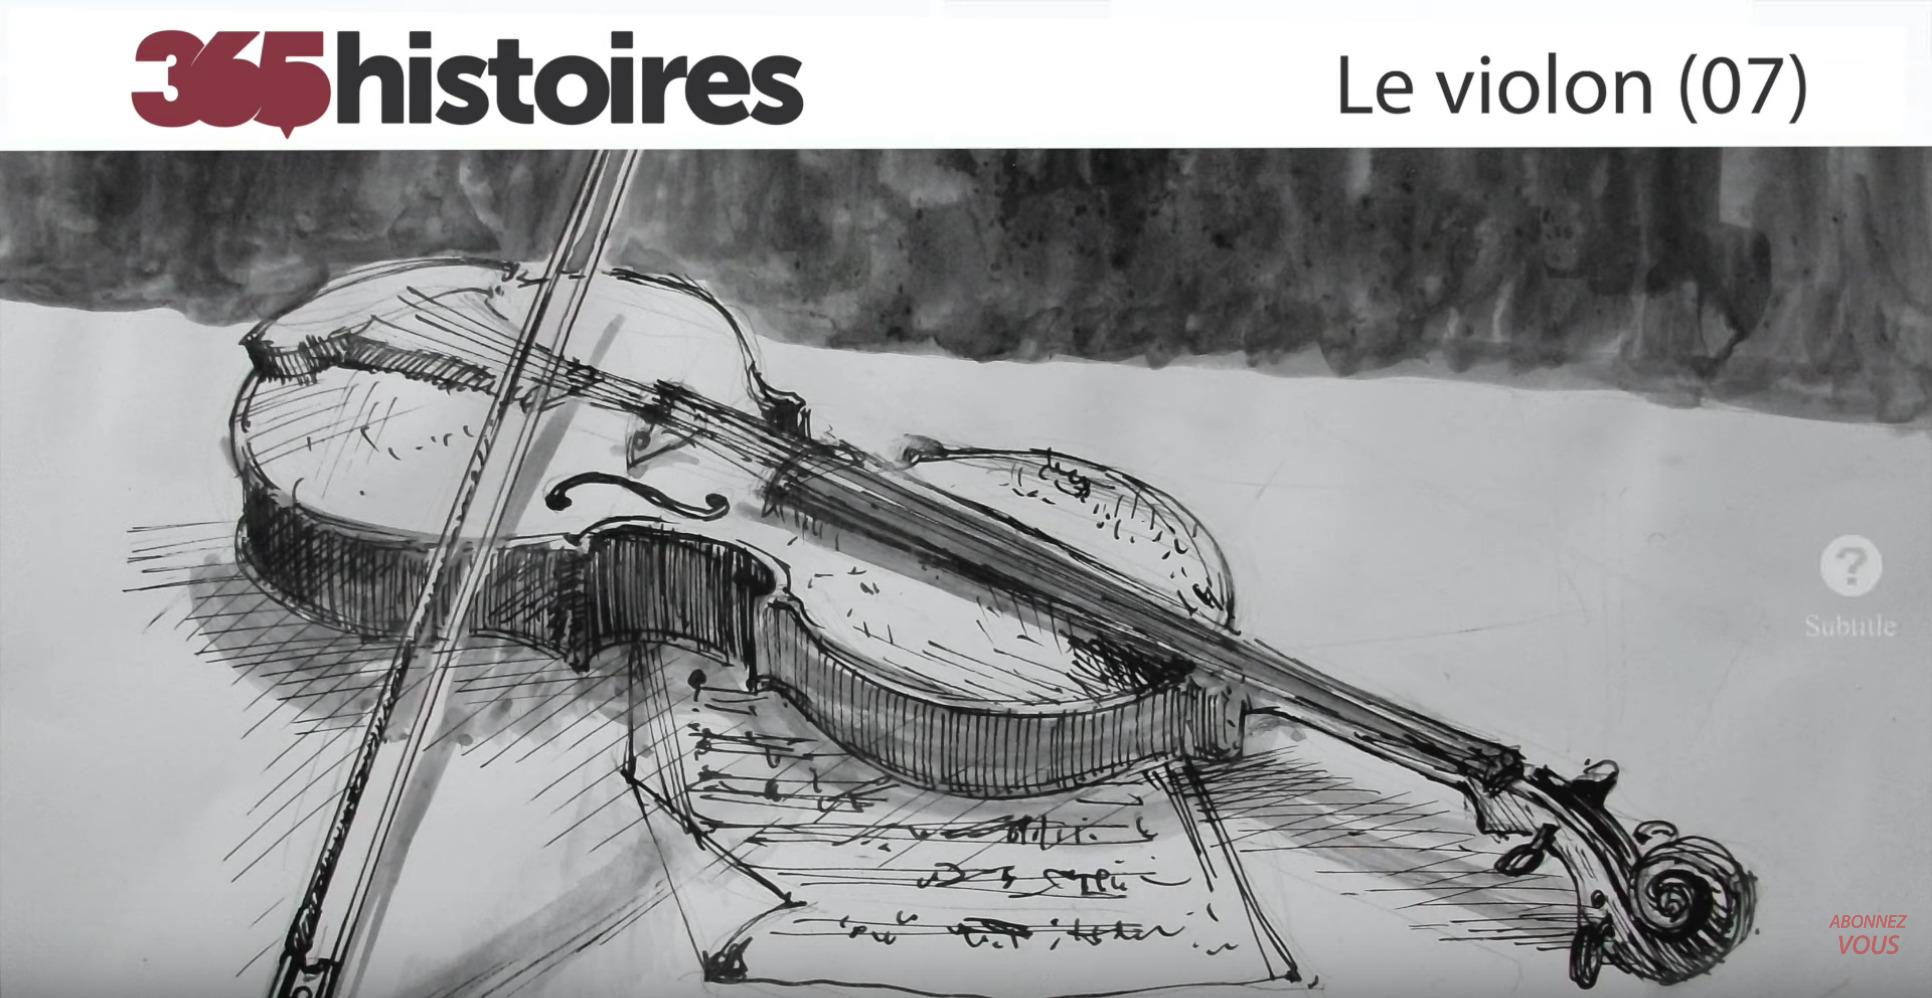 Le Violon (07)